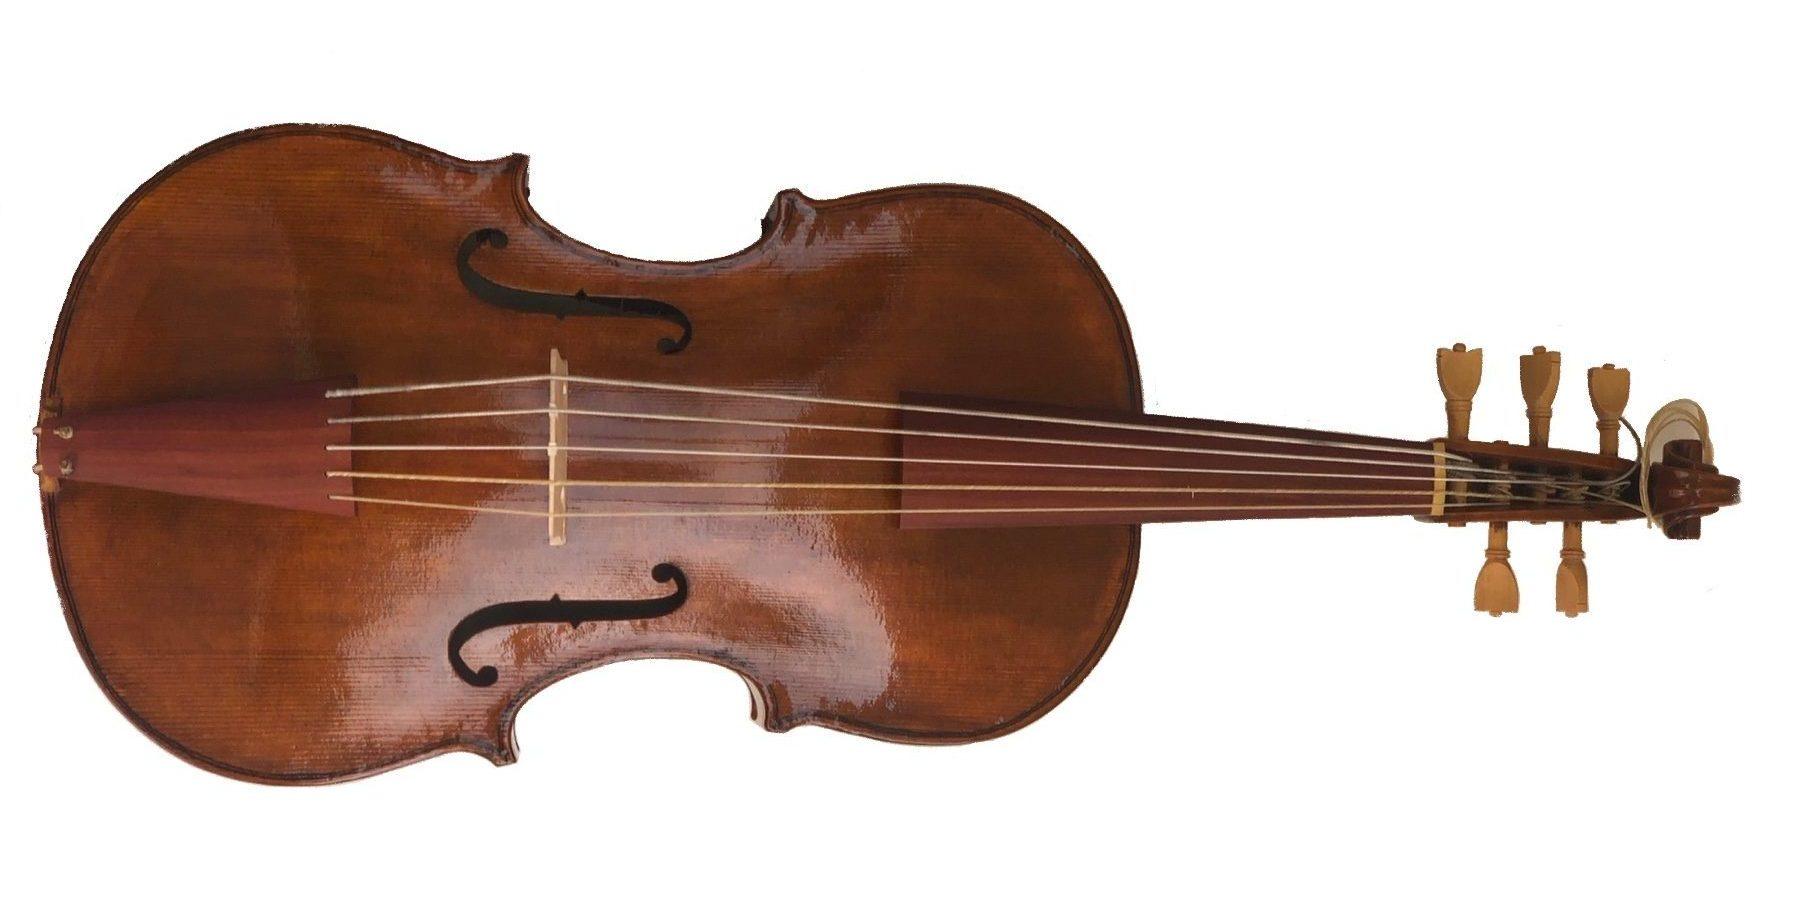 Copia violoncello piccolo Johann Wagner costruita da daniela gaidano